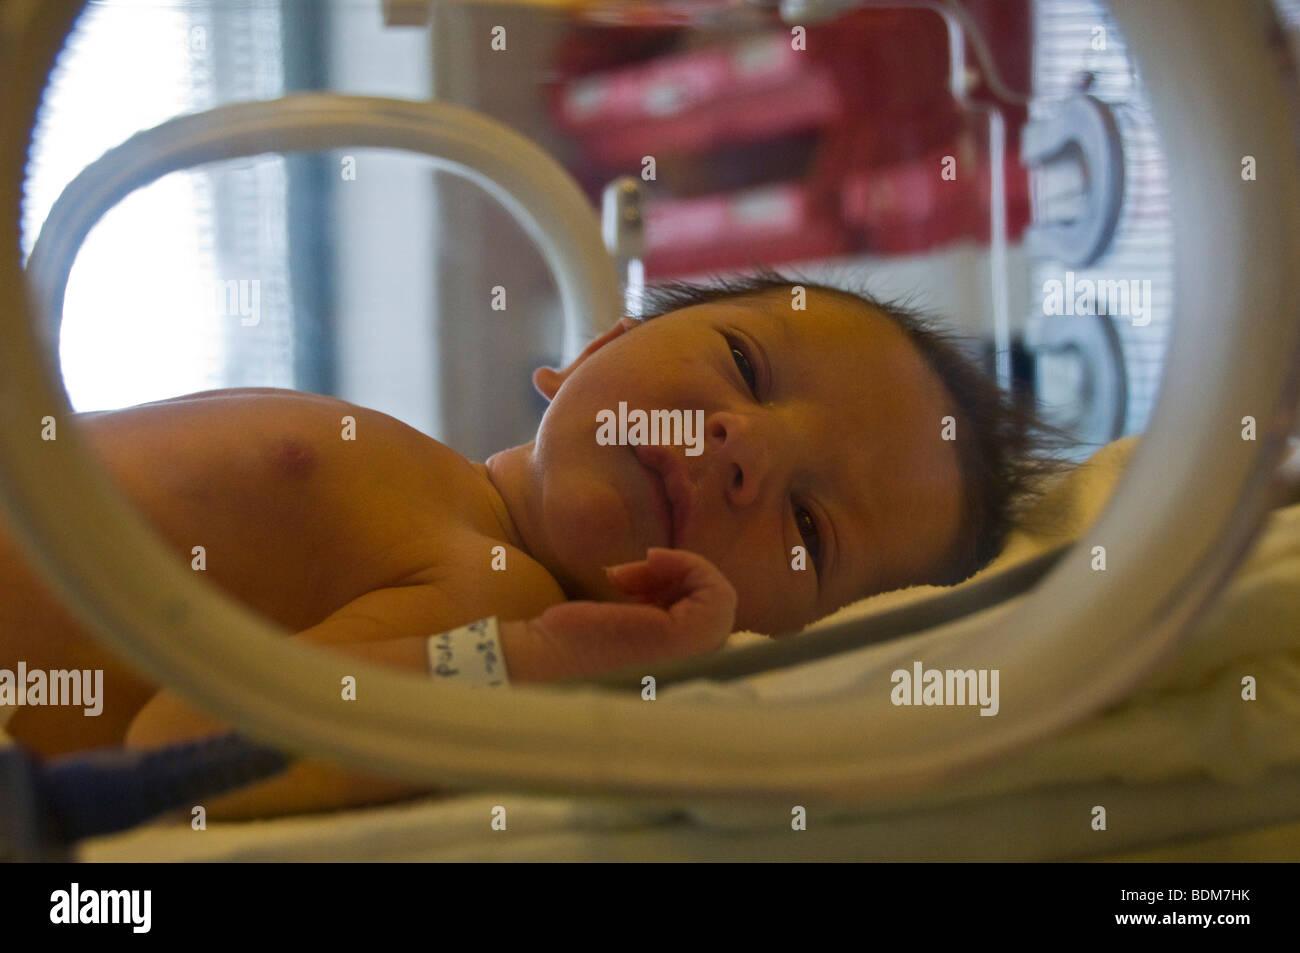 Newborn in an incubator - Stock Image